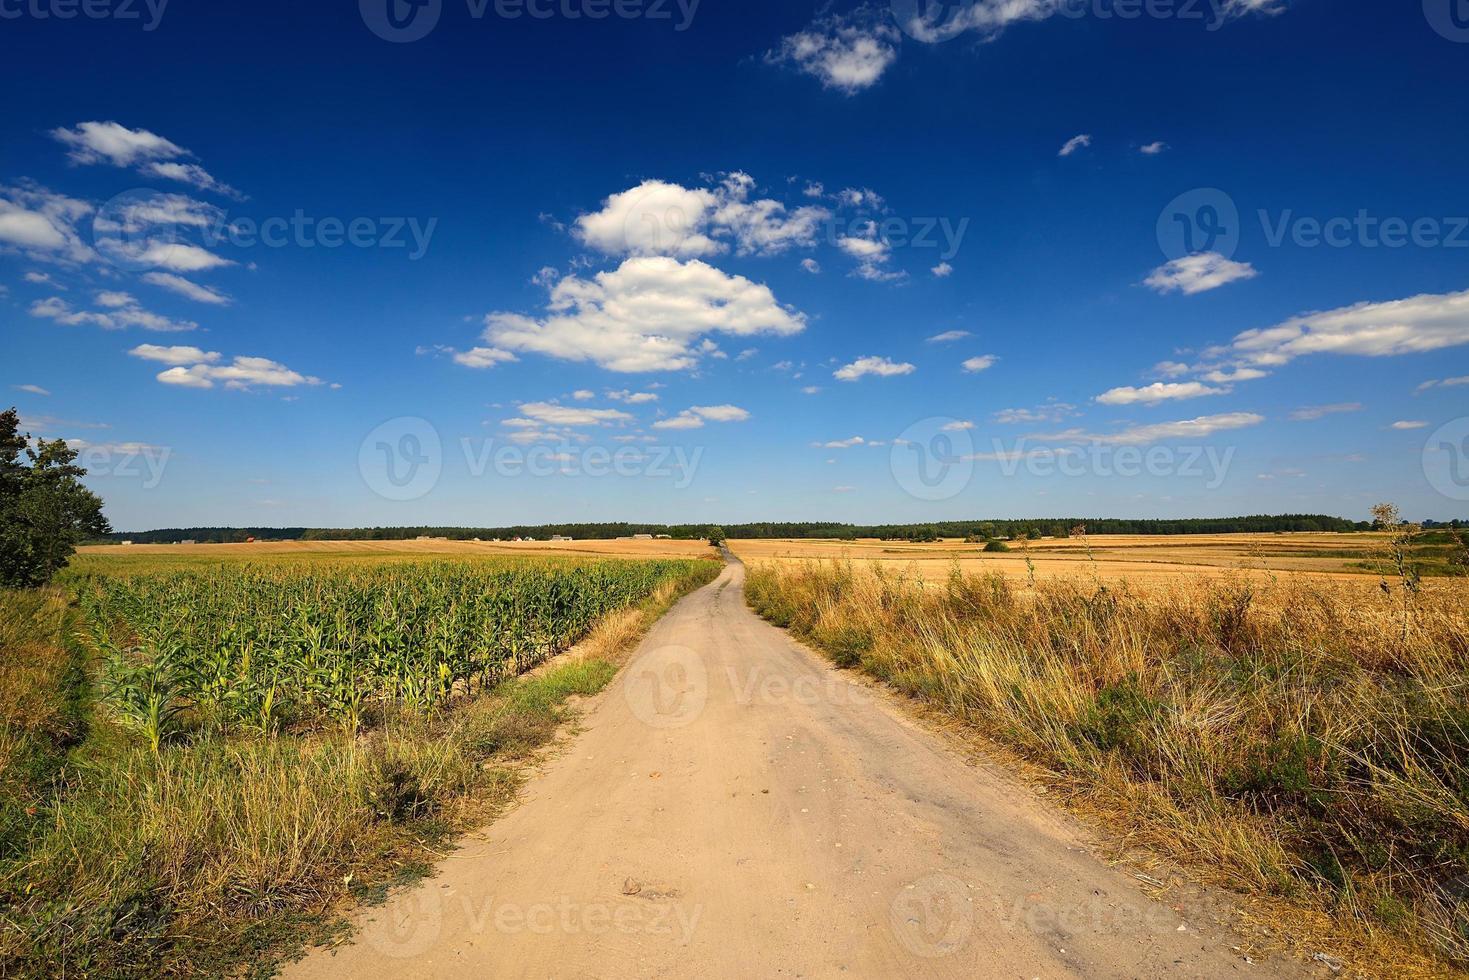 paisaje campestre campo. foto